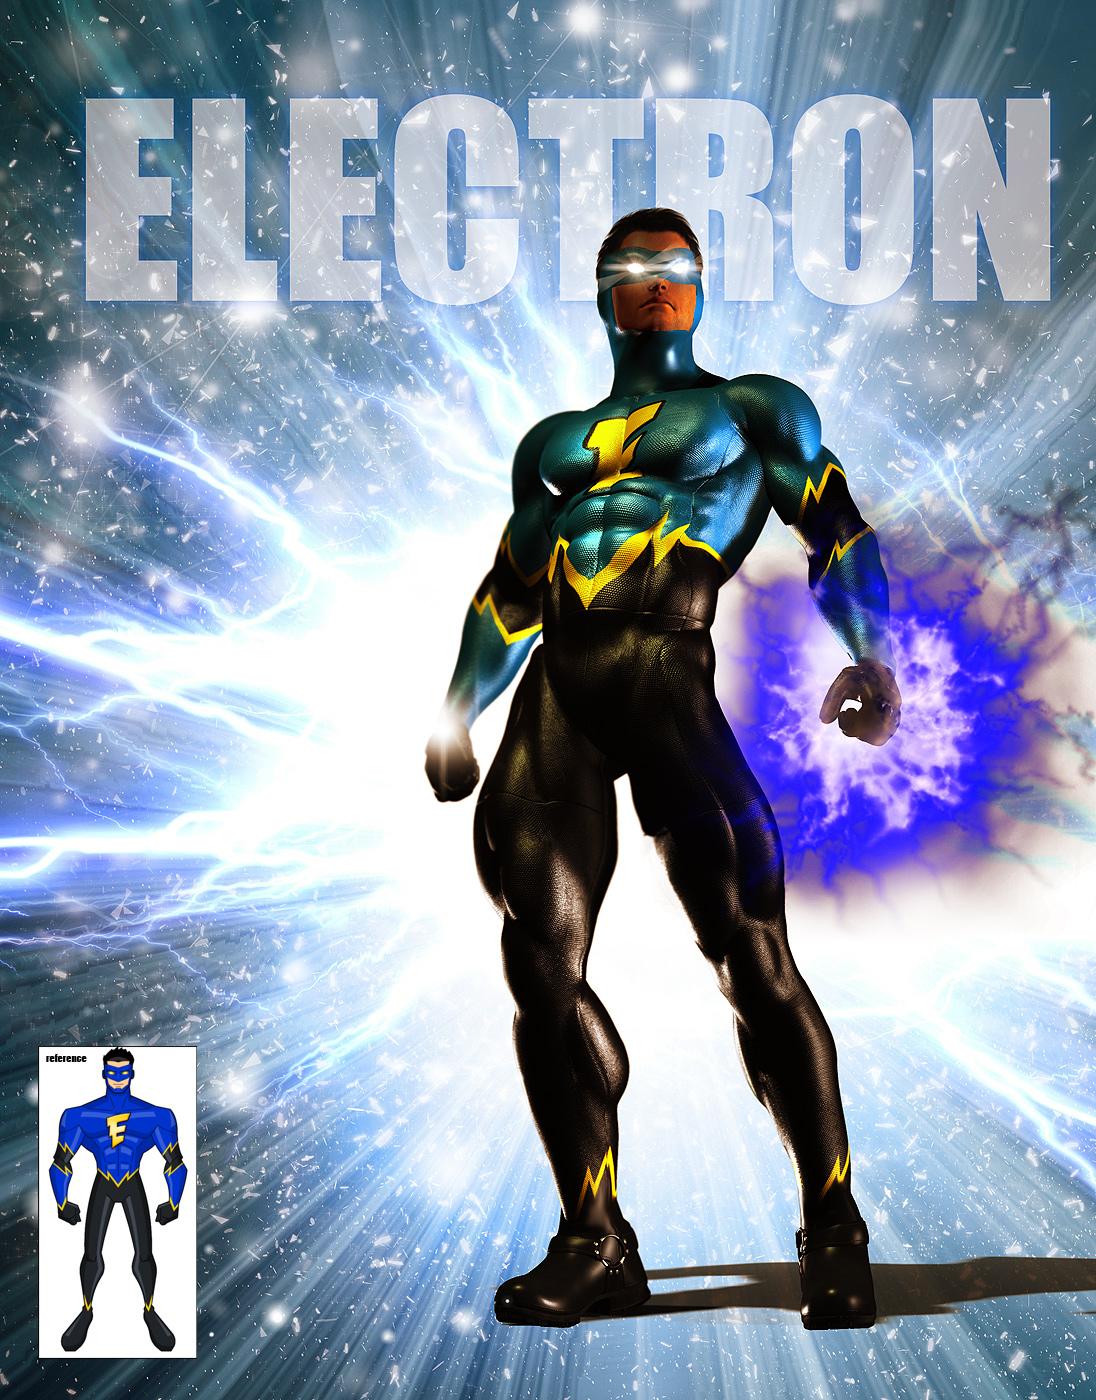 ELECTRON - A NEW HERO